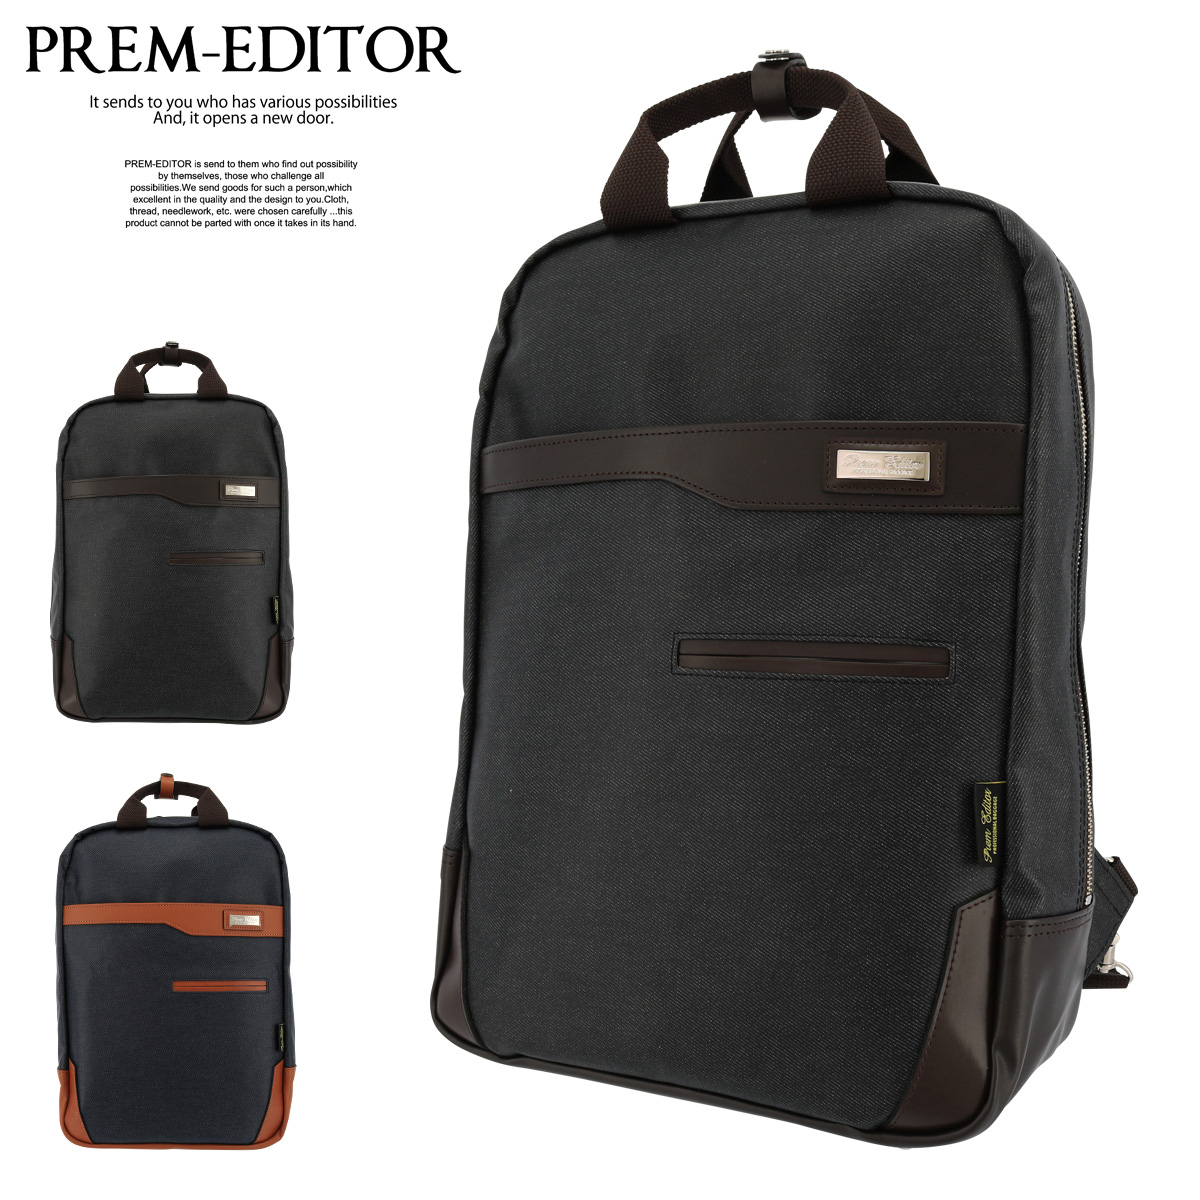 プレムエディター リュック メンズ レディース02784 日本製 PREM EDITOR | リュックサック 撥水 A4 デニム